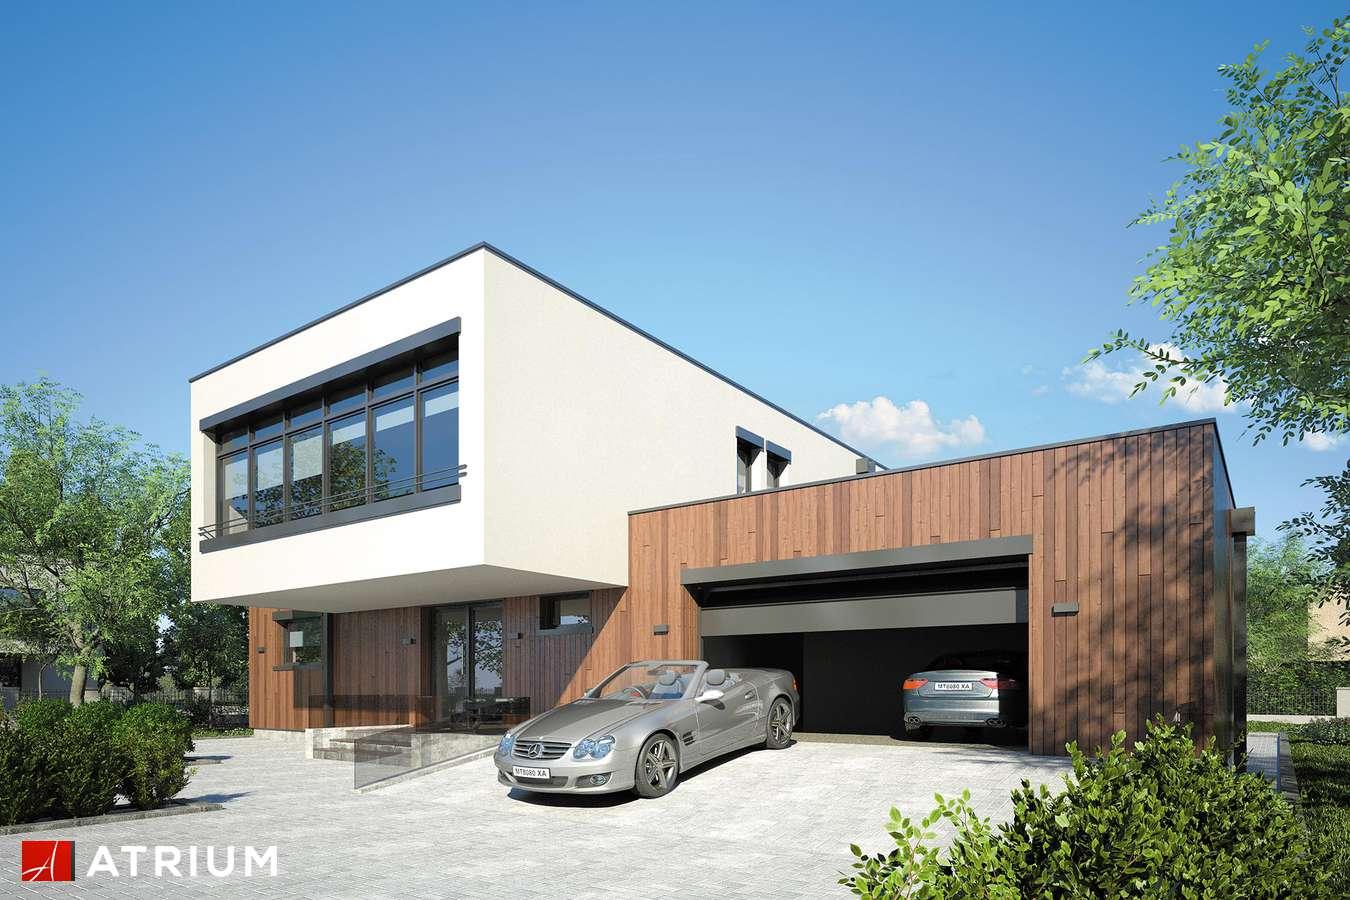 Projekty domów - Projekt domu piętrowego MALTA II - wizualizacja 1 - wersja lustrzana